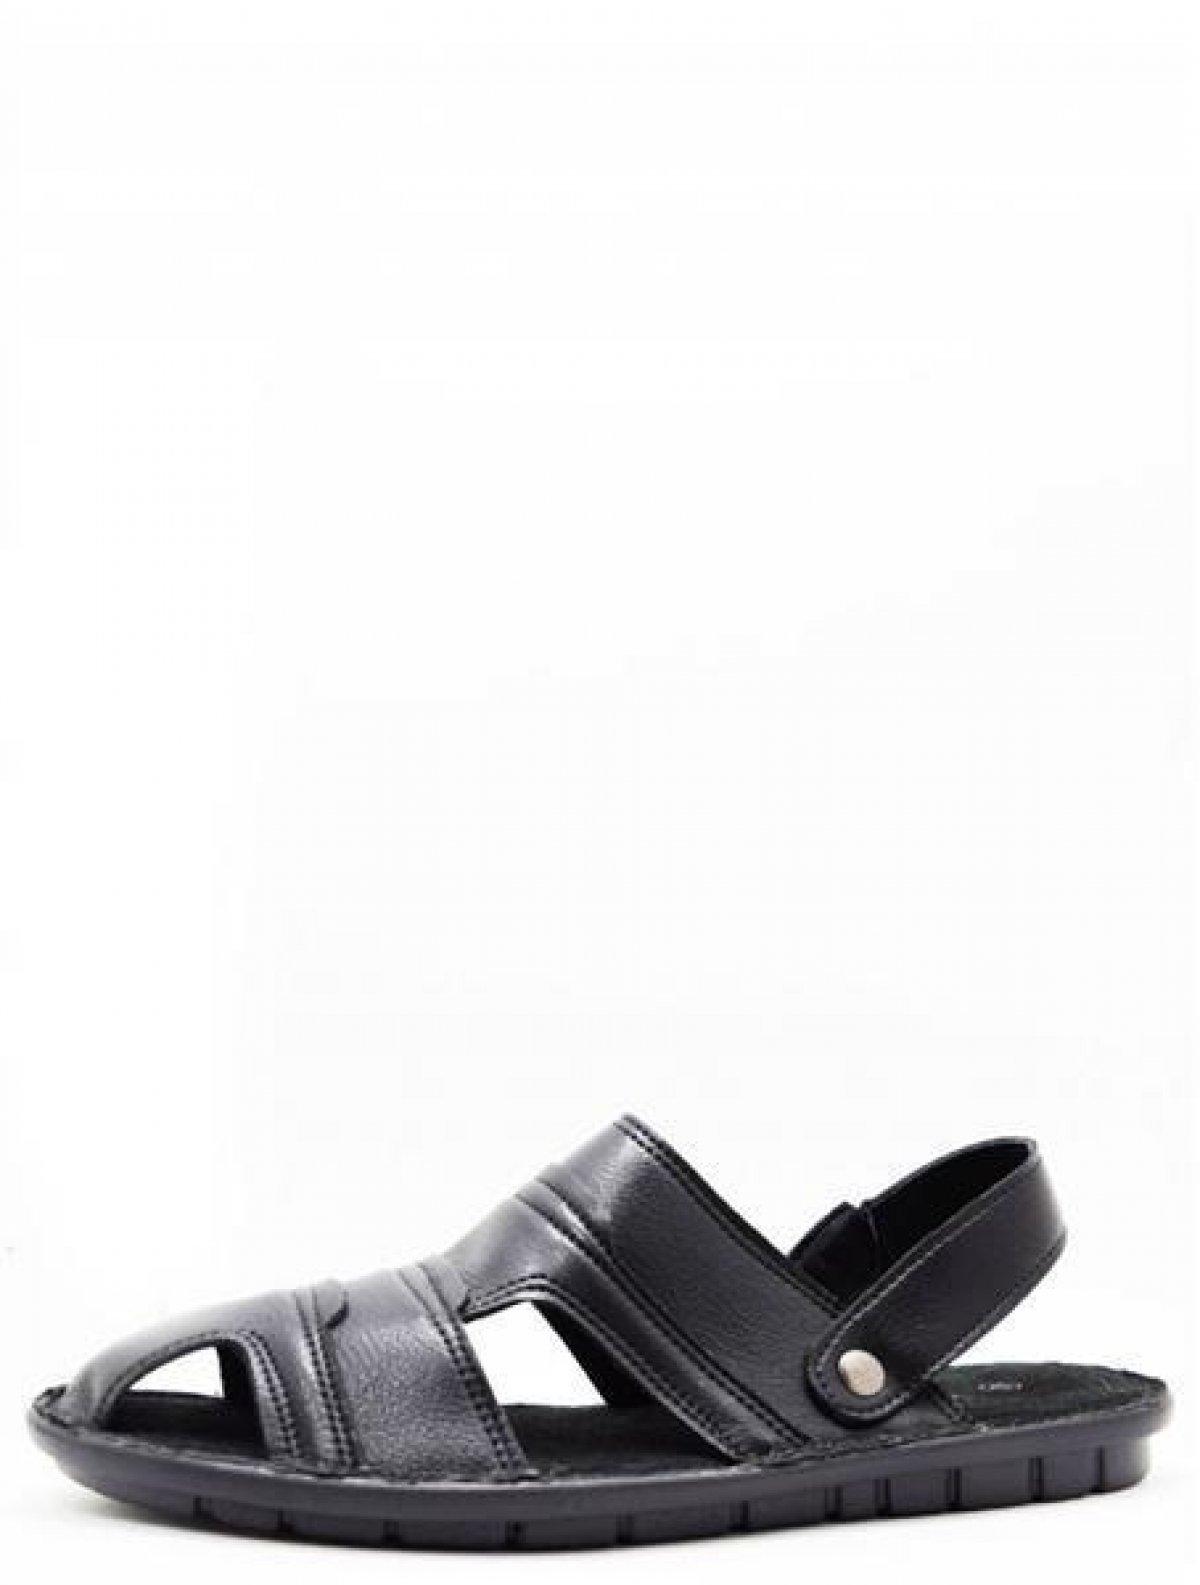 167465/01-01 мужские сандали